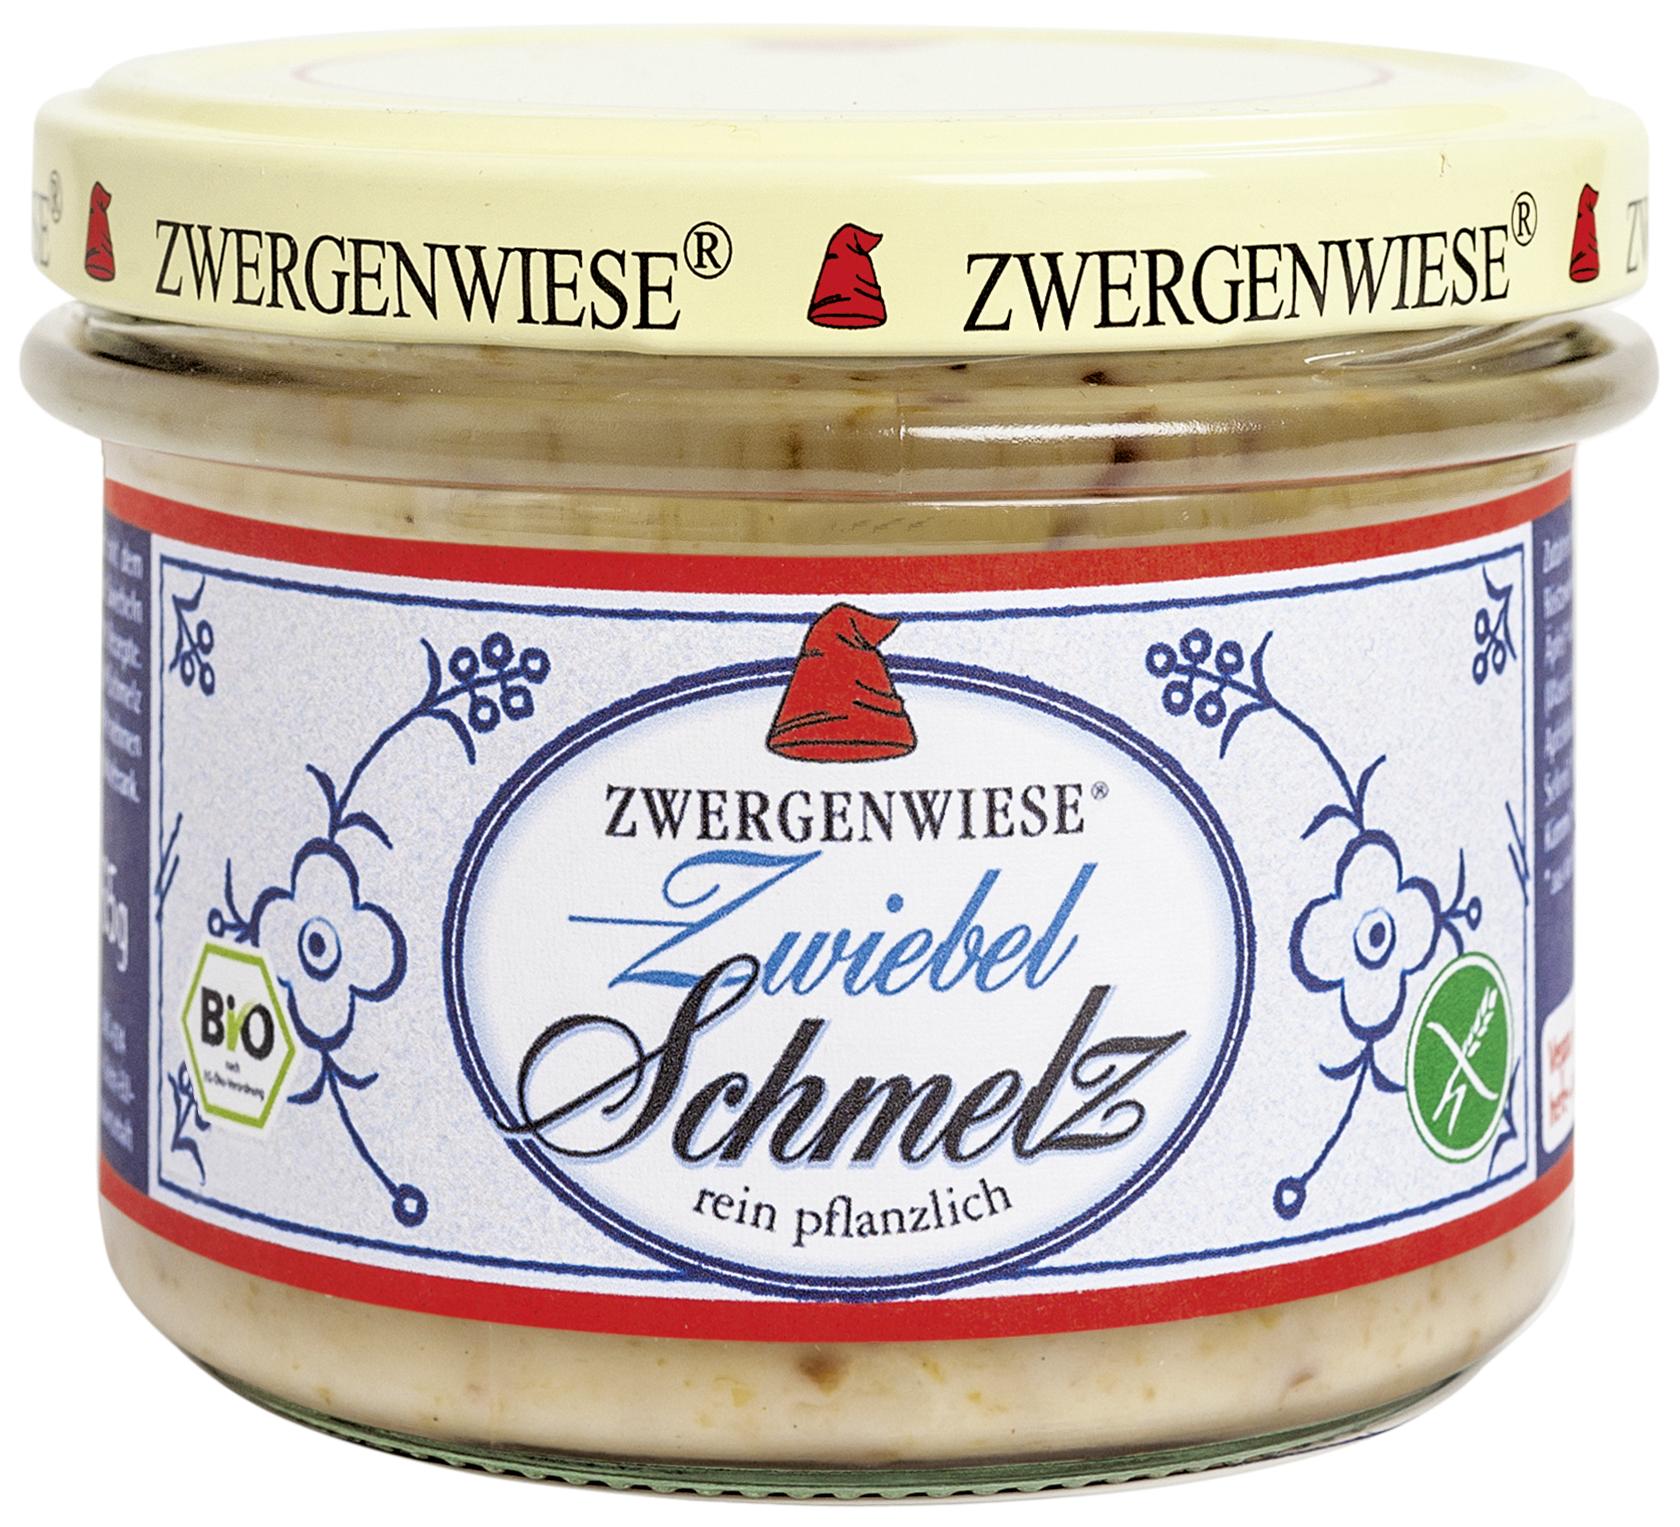 Zwergenwiese Zwiebelschmelz 250g